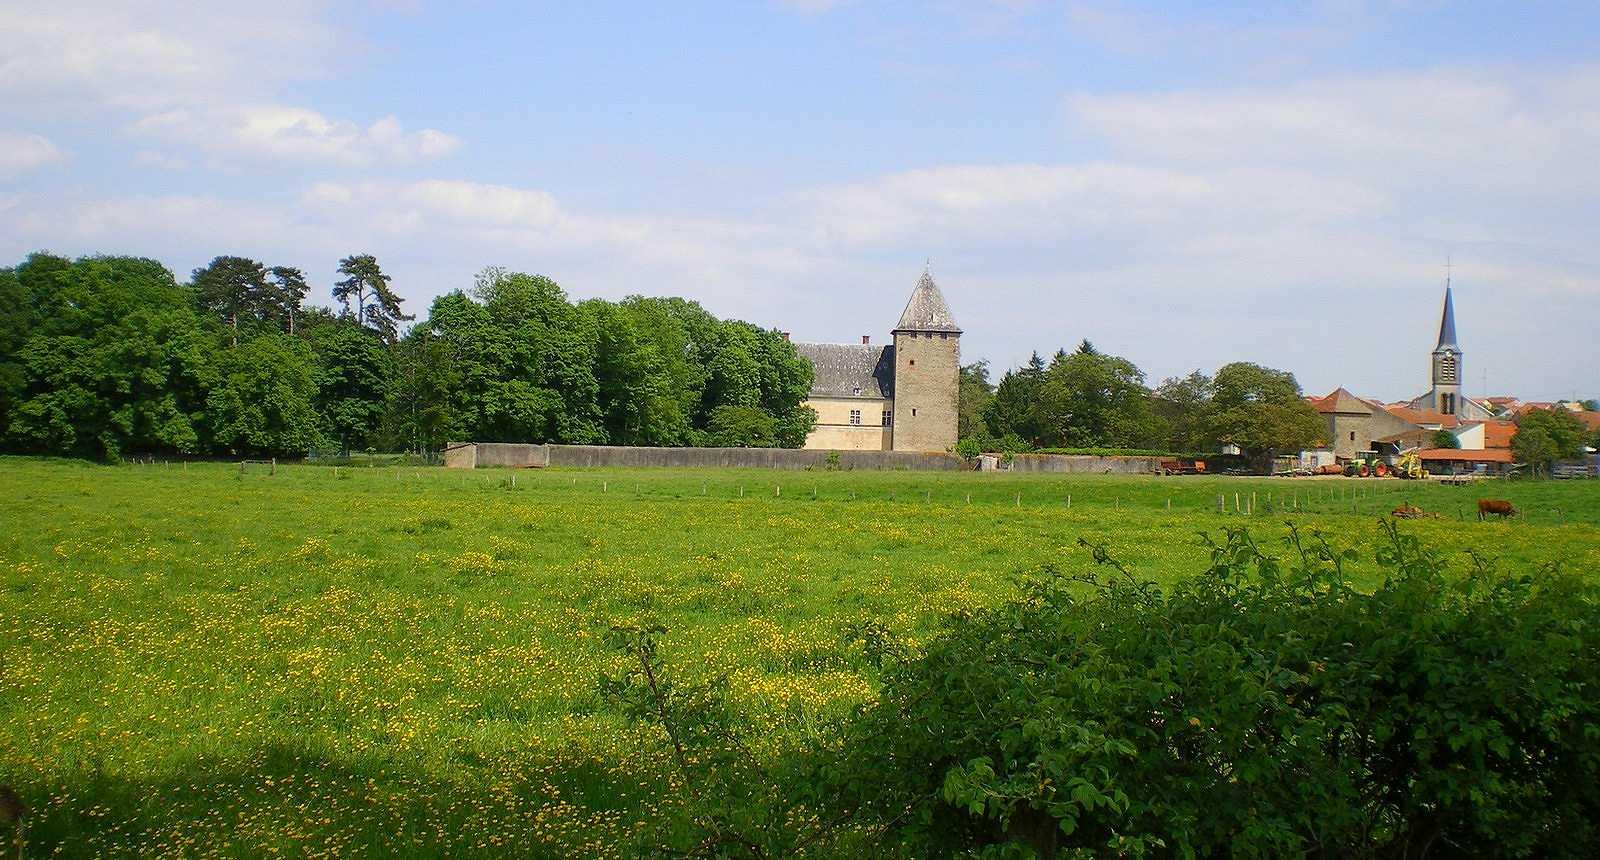 Le château et l'église du bourg de Fléville